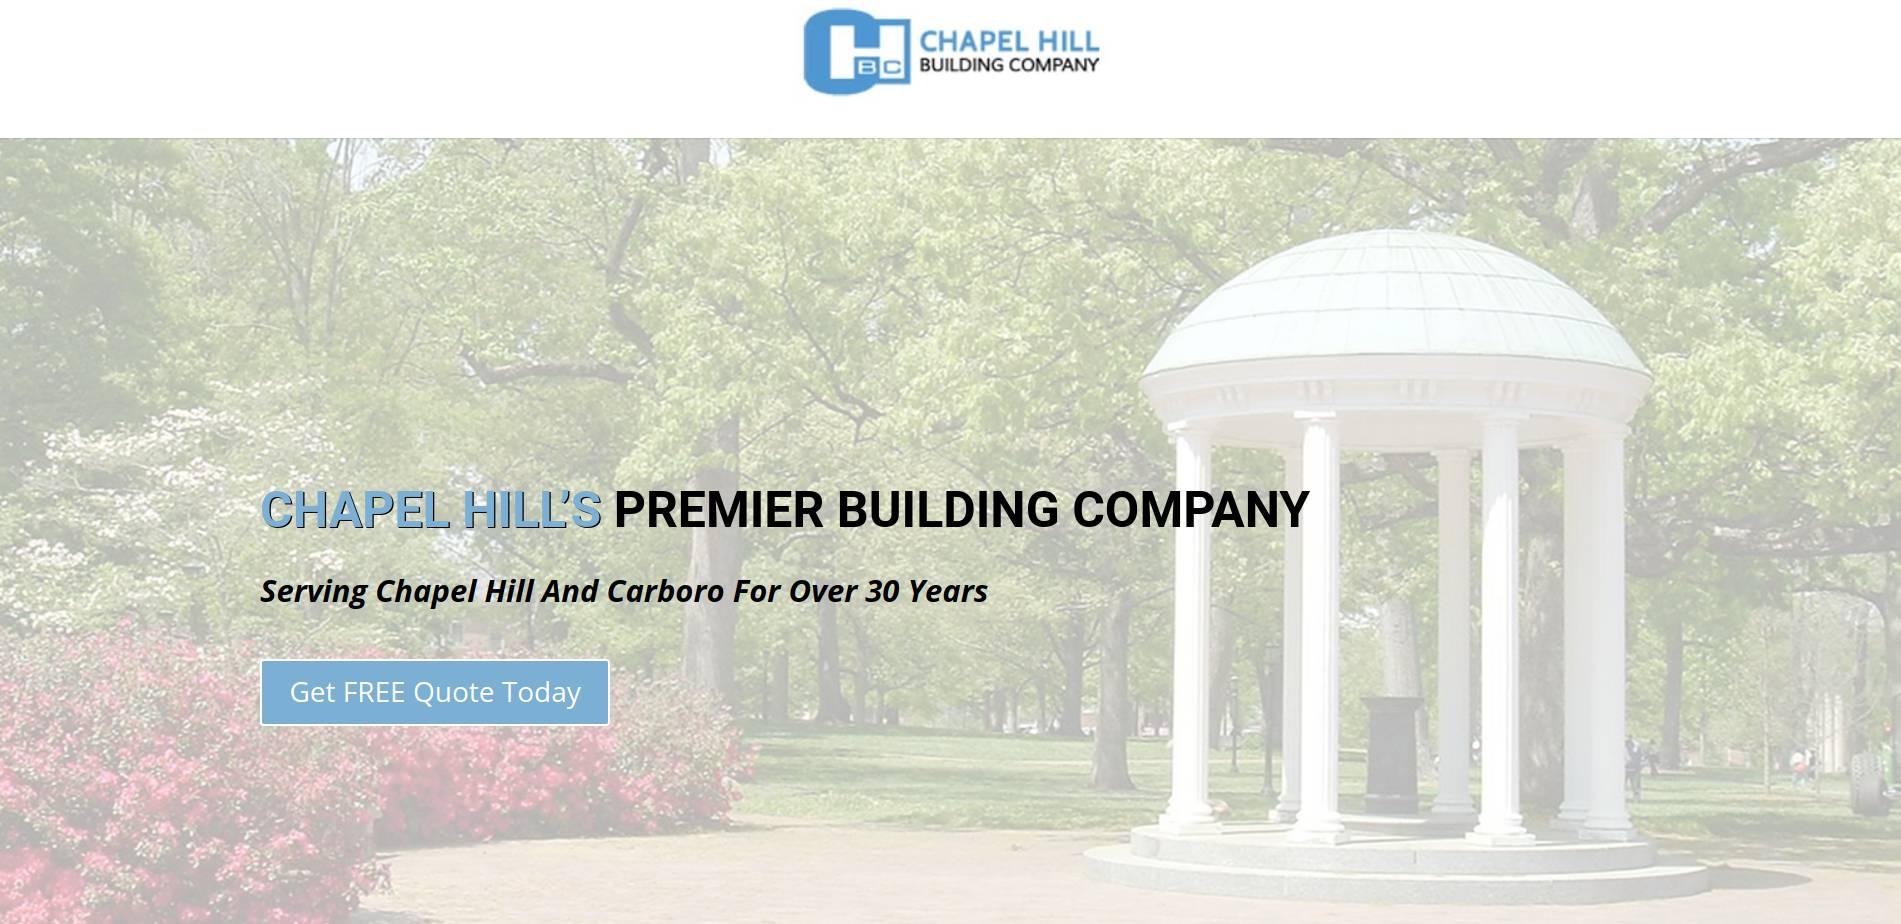 chbuildingco-chapel-hill-nc-desktop